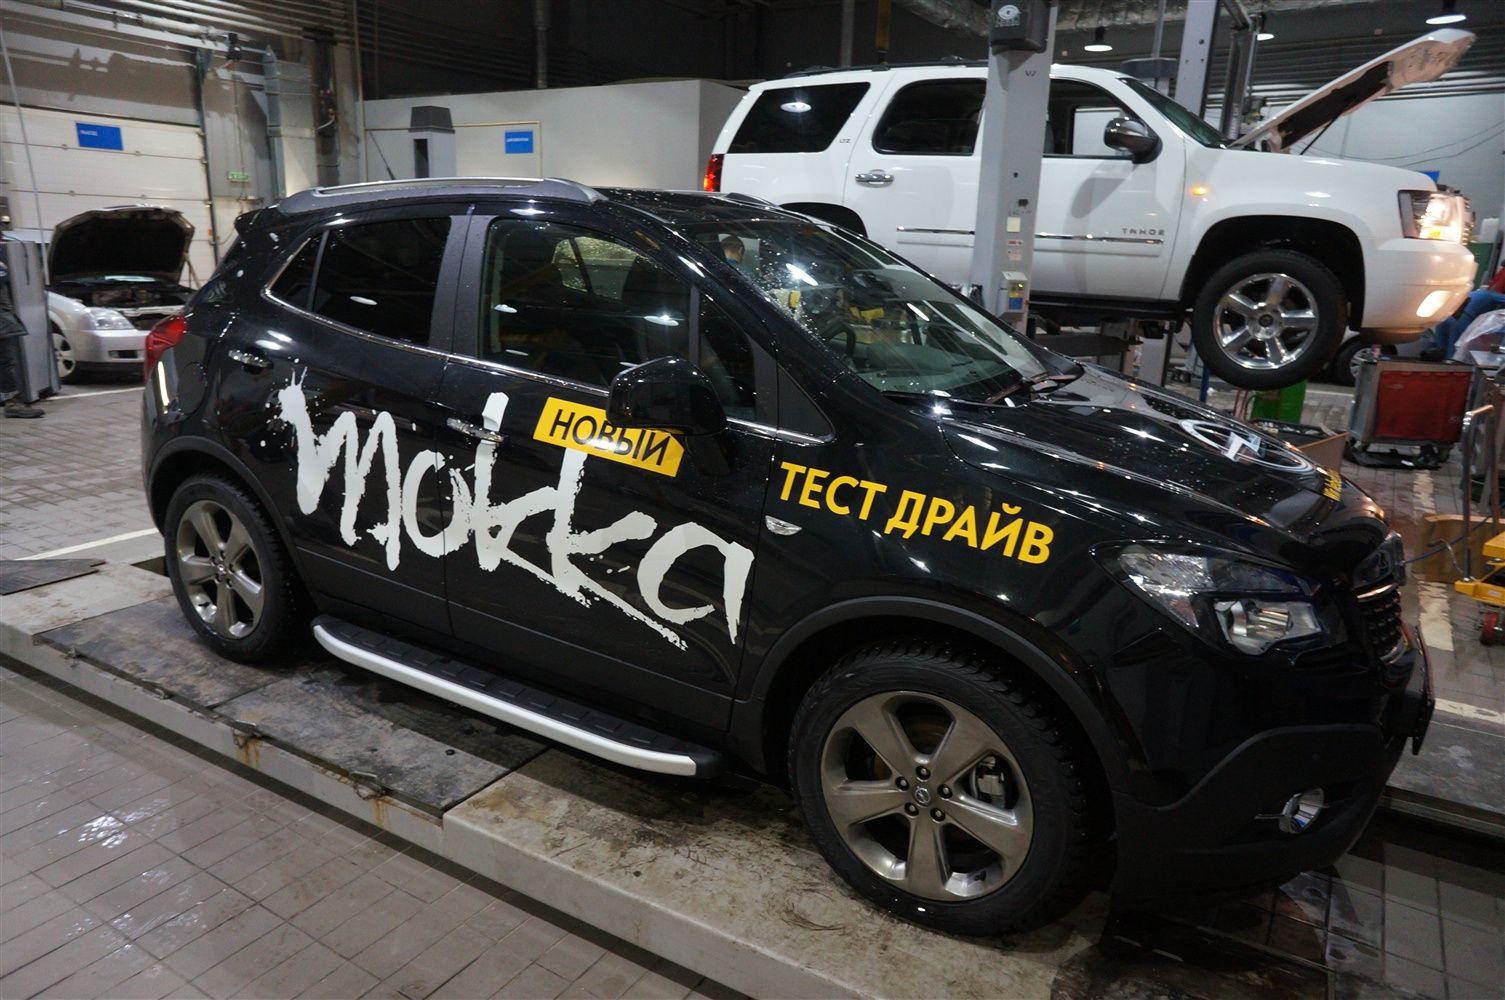 Пороги CAN OTOMOTIV алюминиевые (Alyans) Opel Mokka (2012-) от Ravta